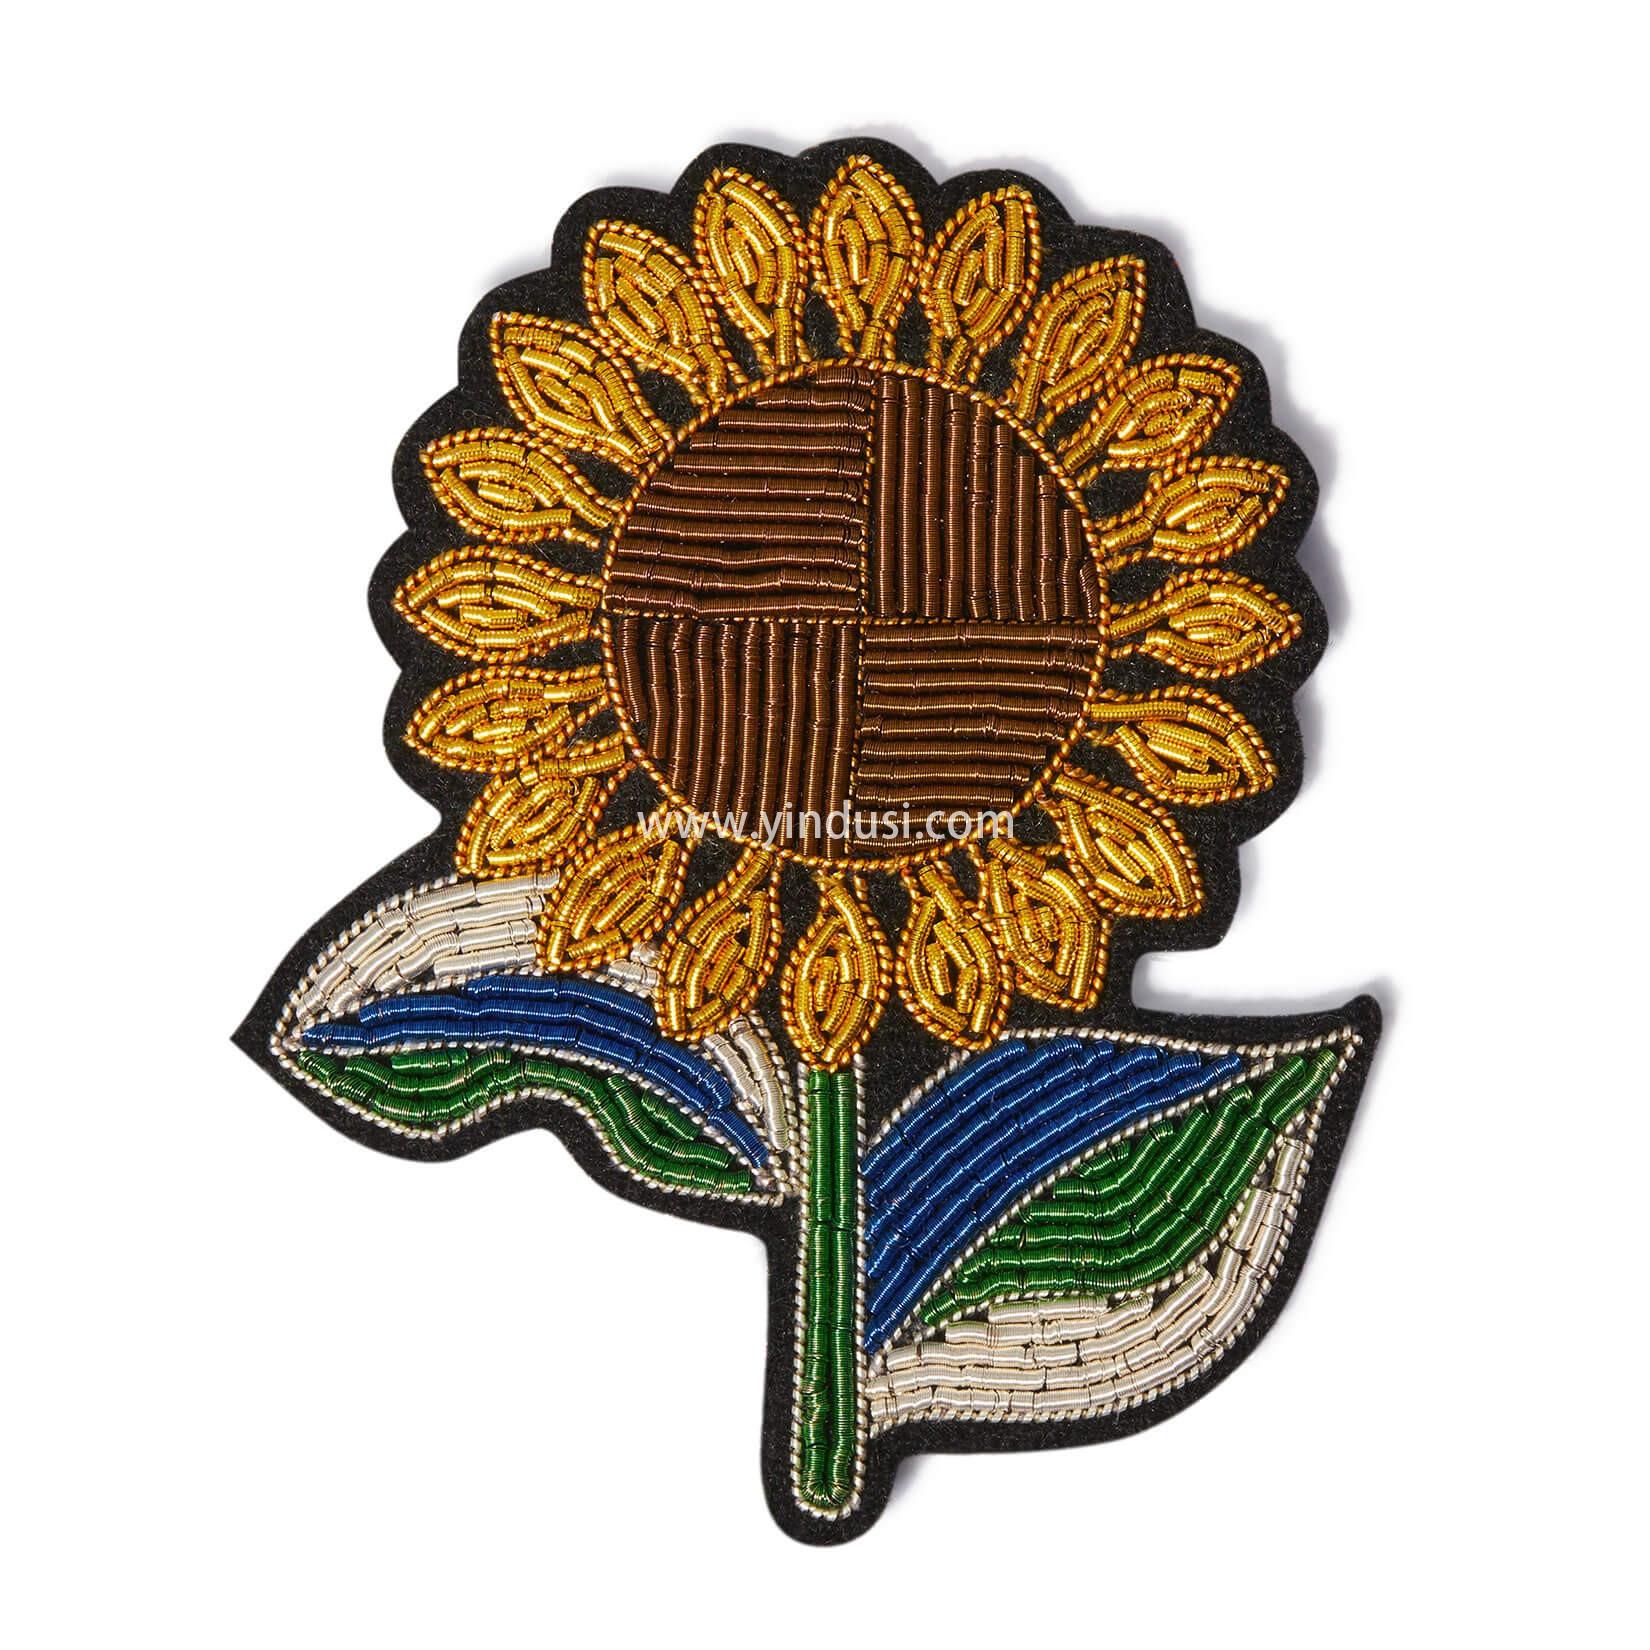 印度丝徽章工厂手工刺绣创意卡通向日葵胸针定制,跟随太阳。